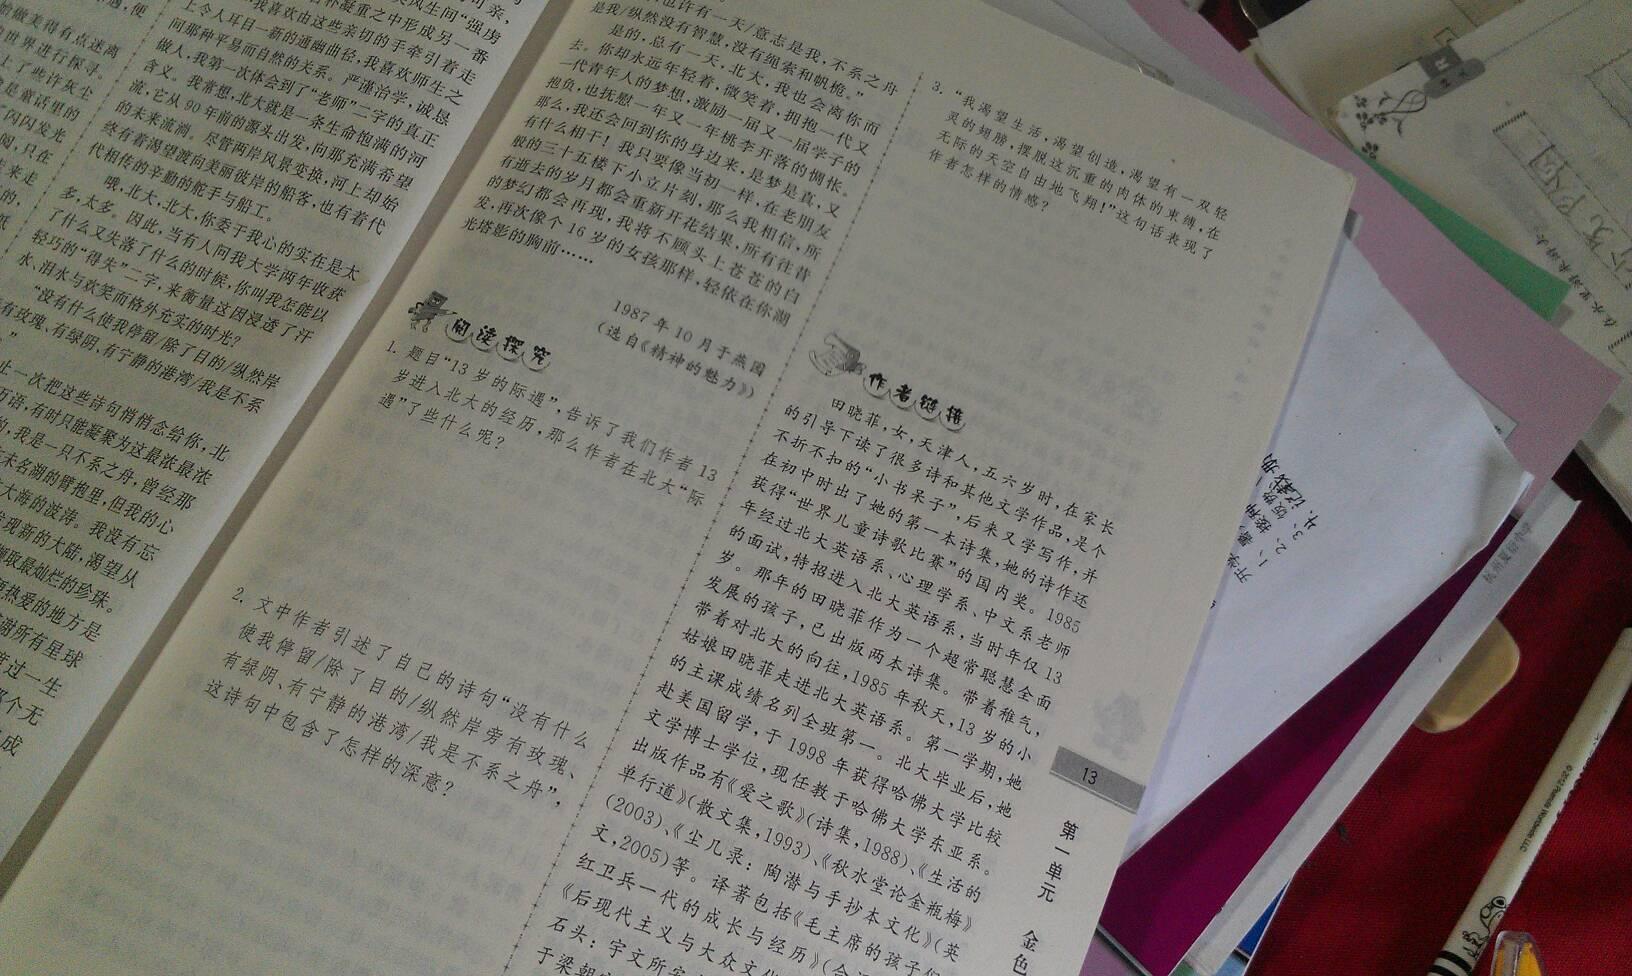 十三岁的际遇田晓菲 阅读答案图片